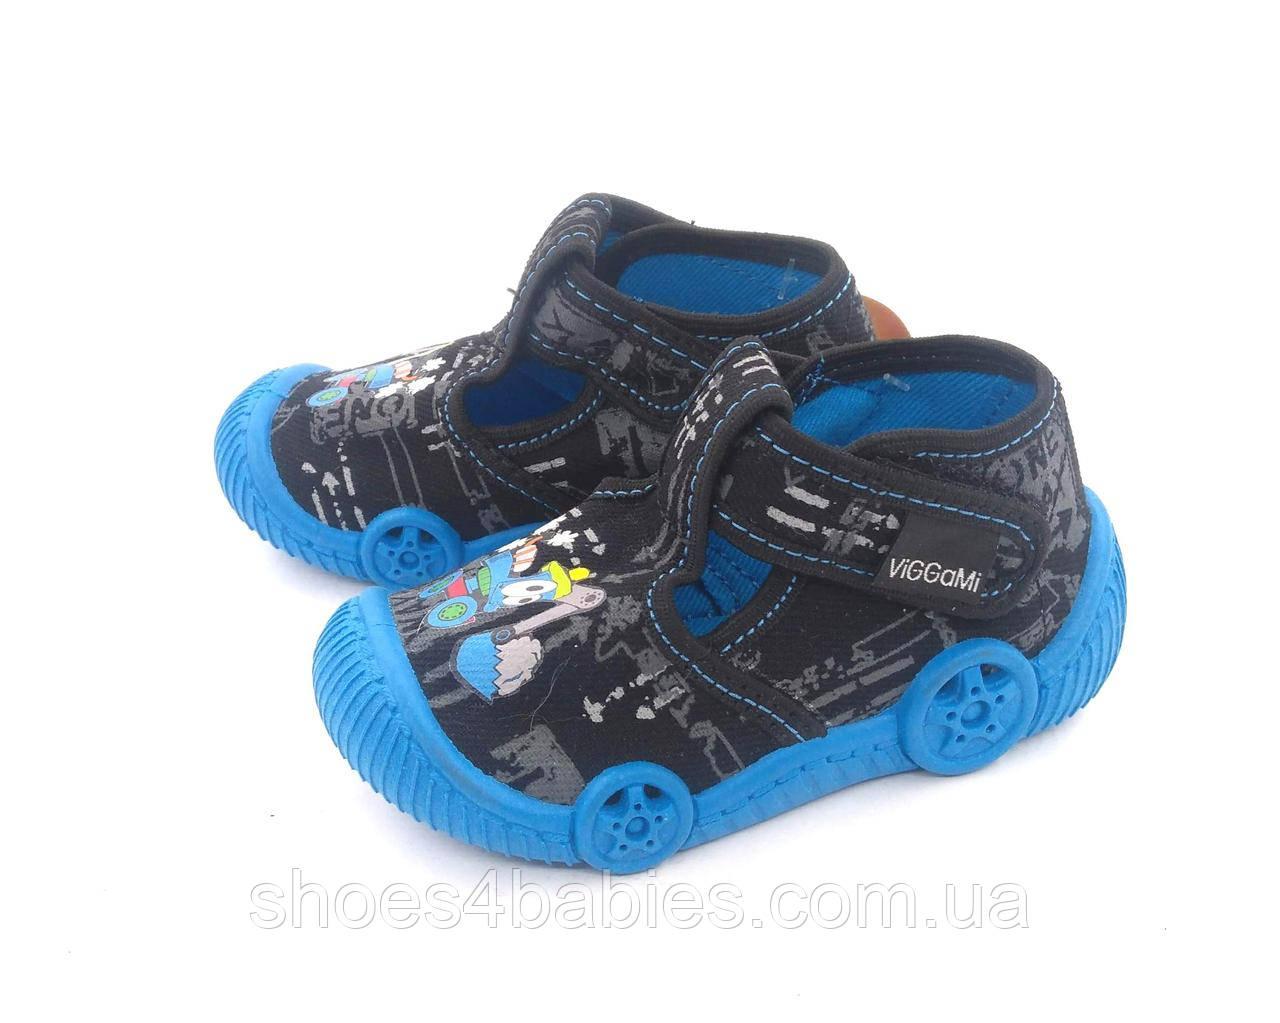 Детские тапочки для мальчиков р.20-25 Viggami Maluch, Польша (мокасины, текстильная обувь)